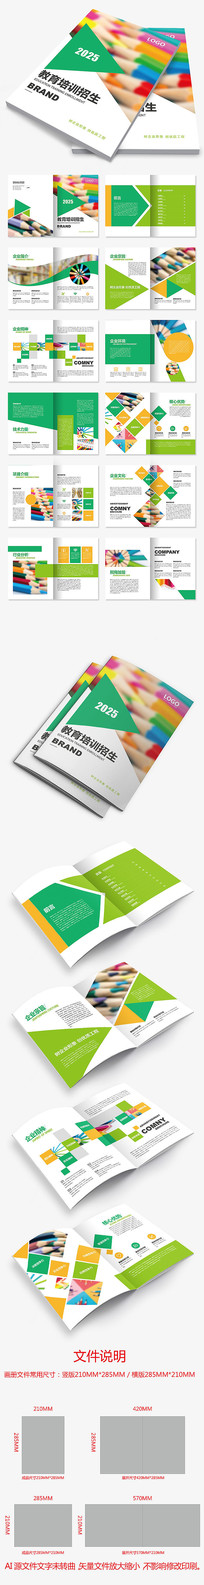 绿色清新教育培训招生宣传册画册